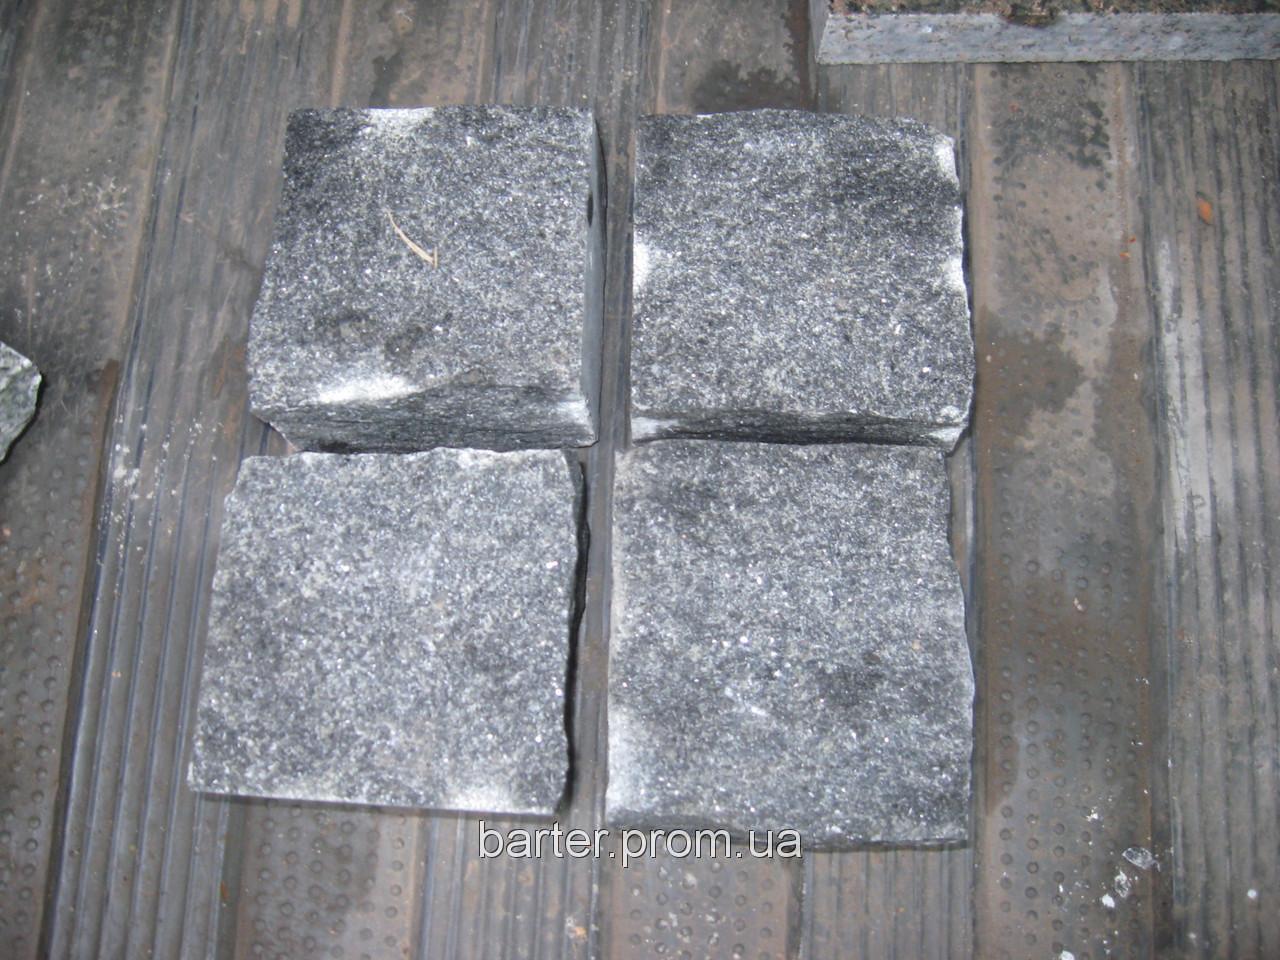 Производство брусчатки гранитной габбро